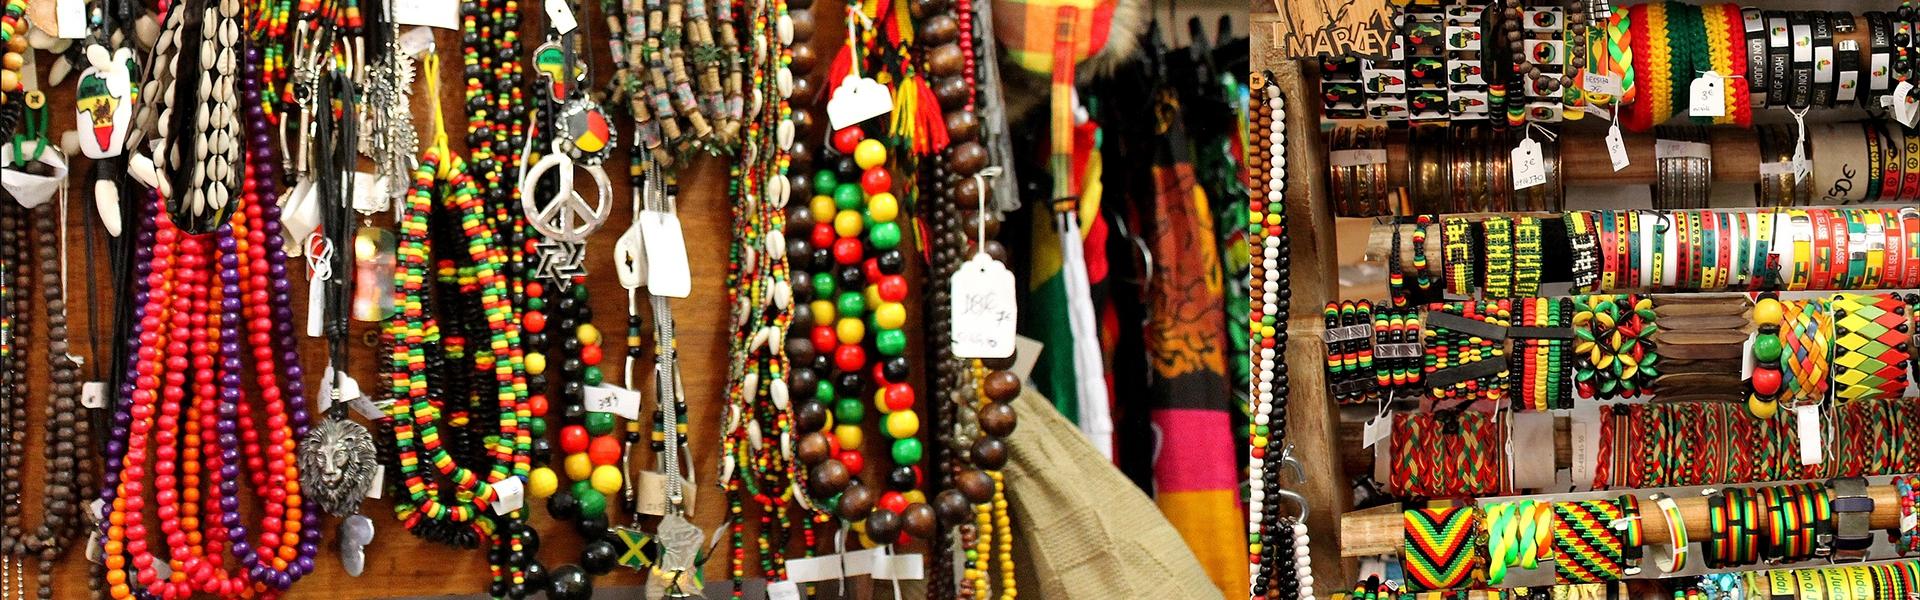 Bijoux rasta, bracelets, colliers, pendentifs, bagues, boucles d'oreilles